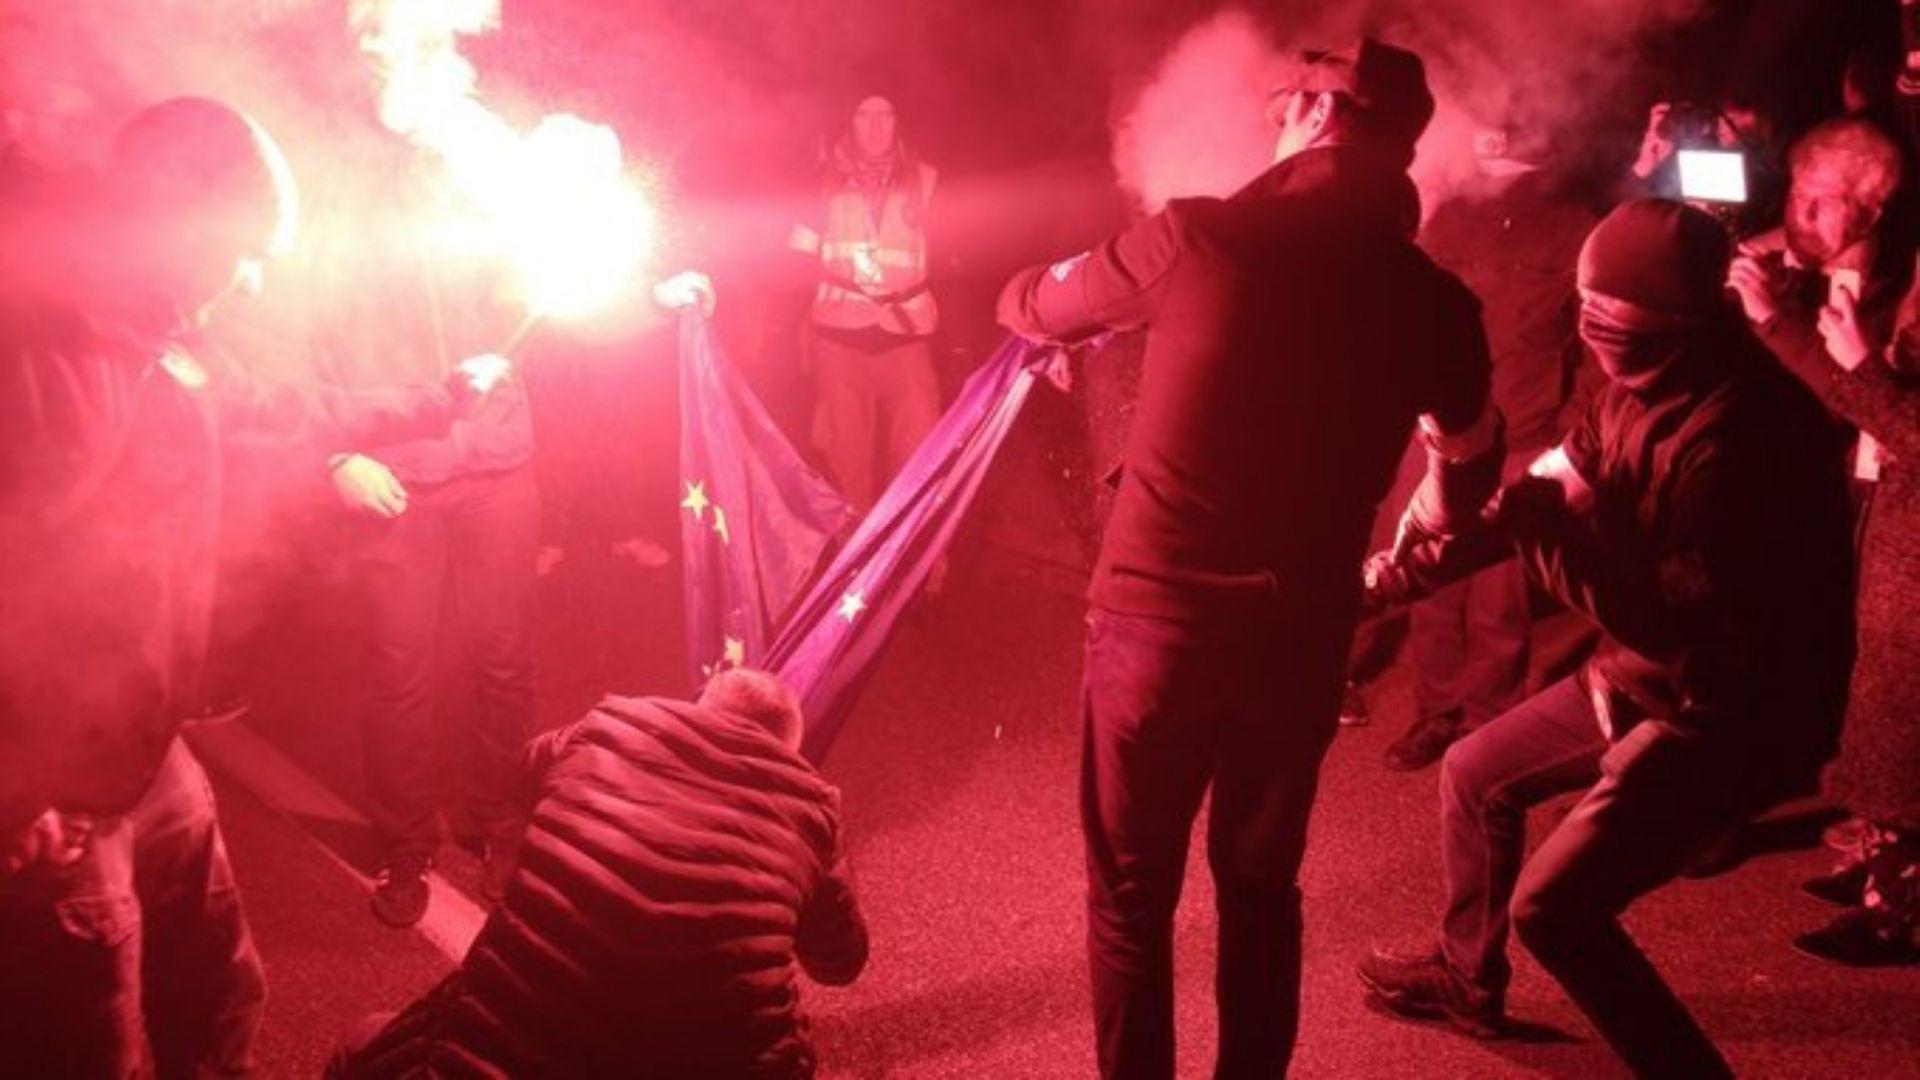 Изгориха знамето на ЕС на шествие в Полша